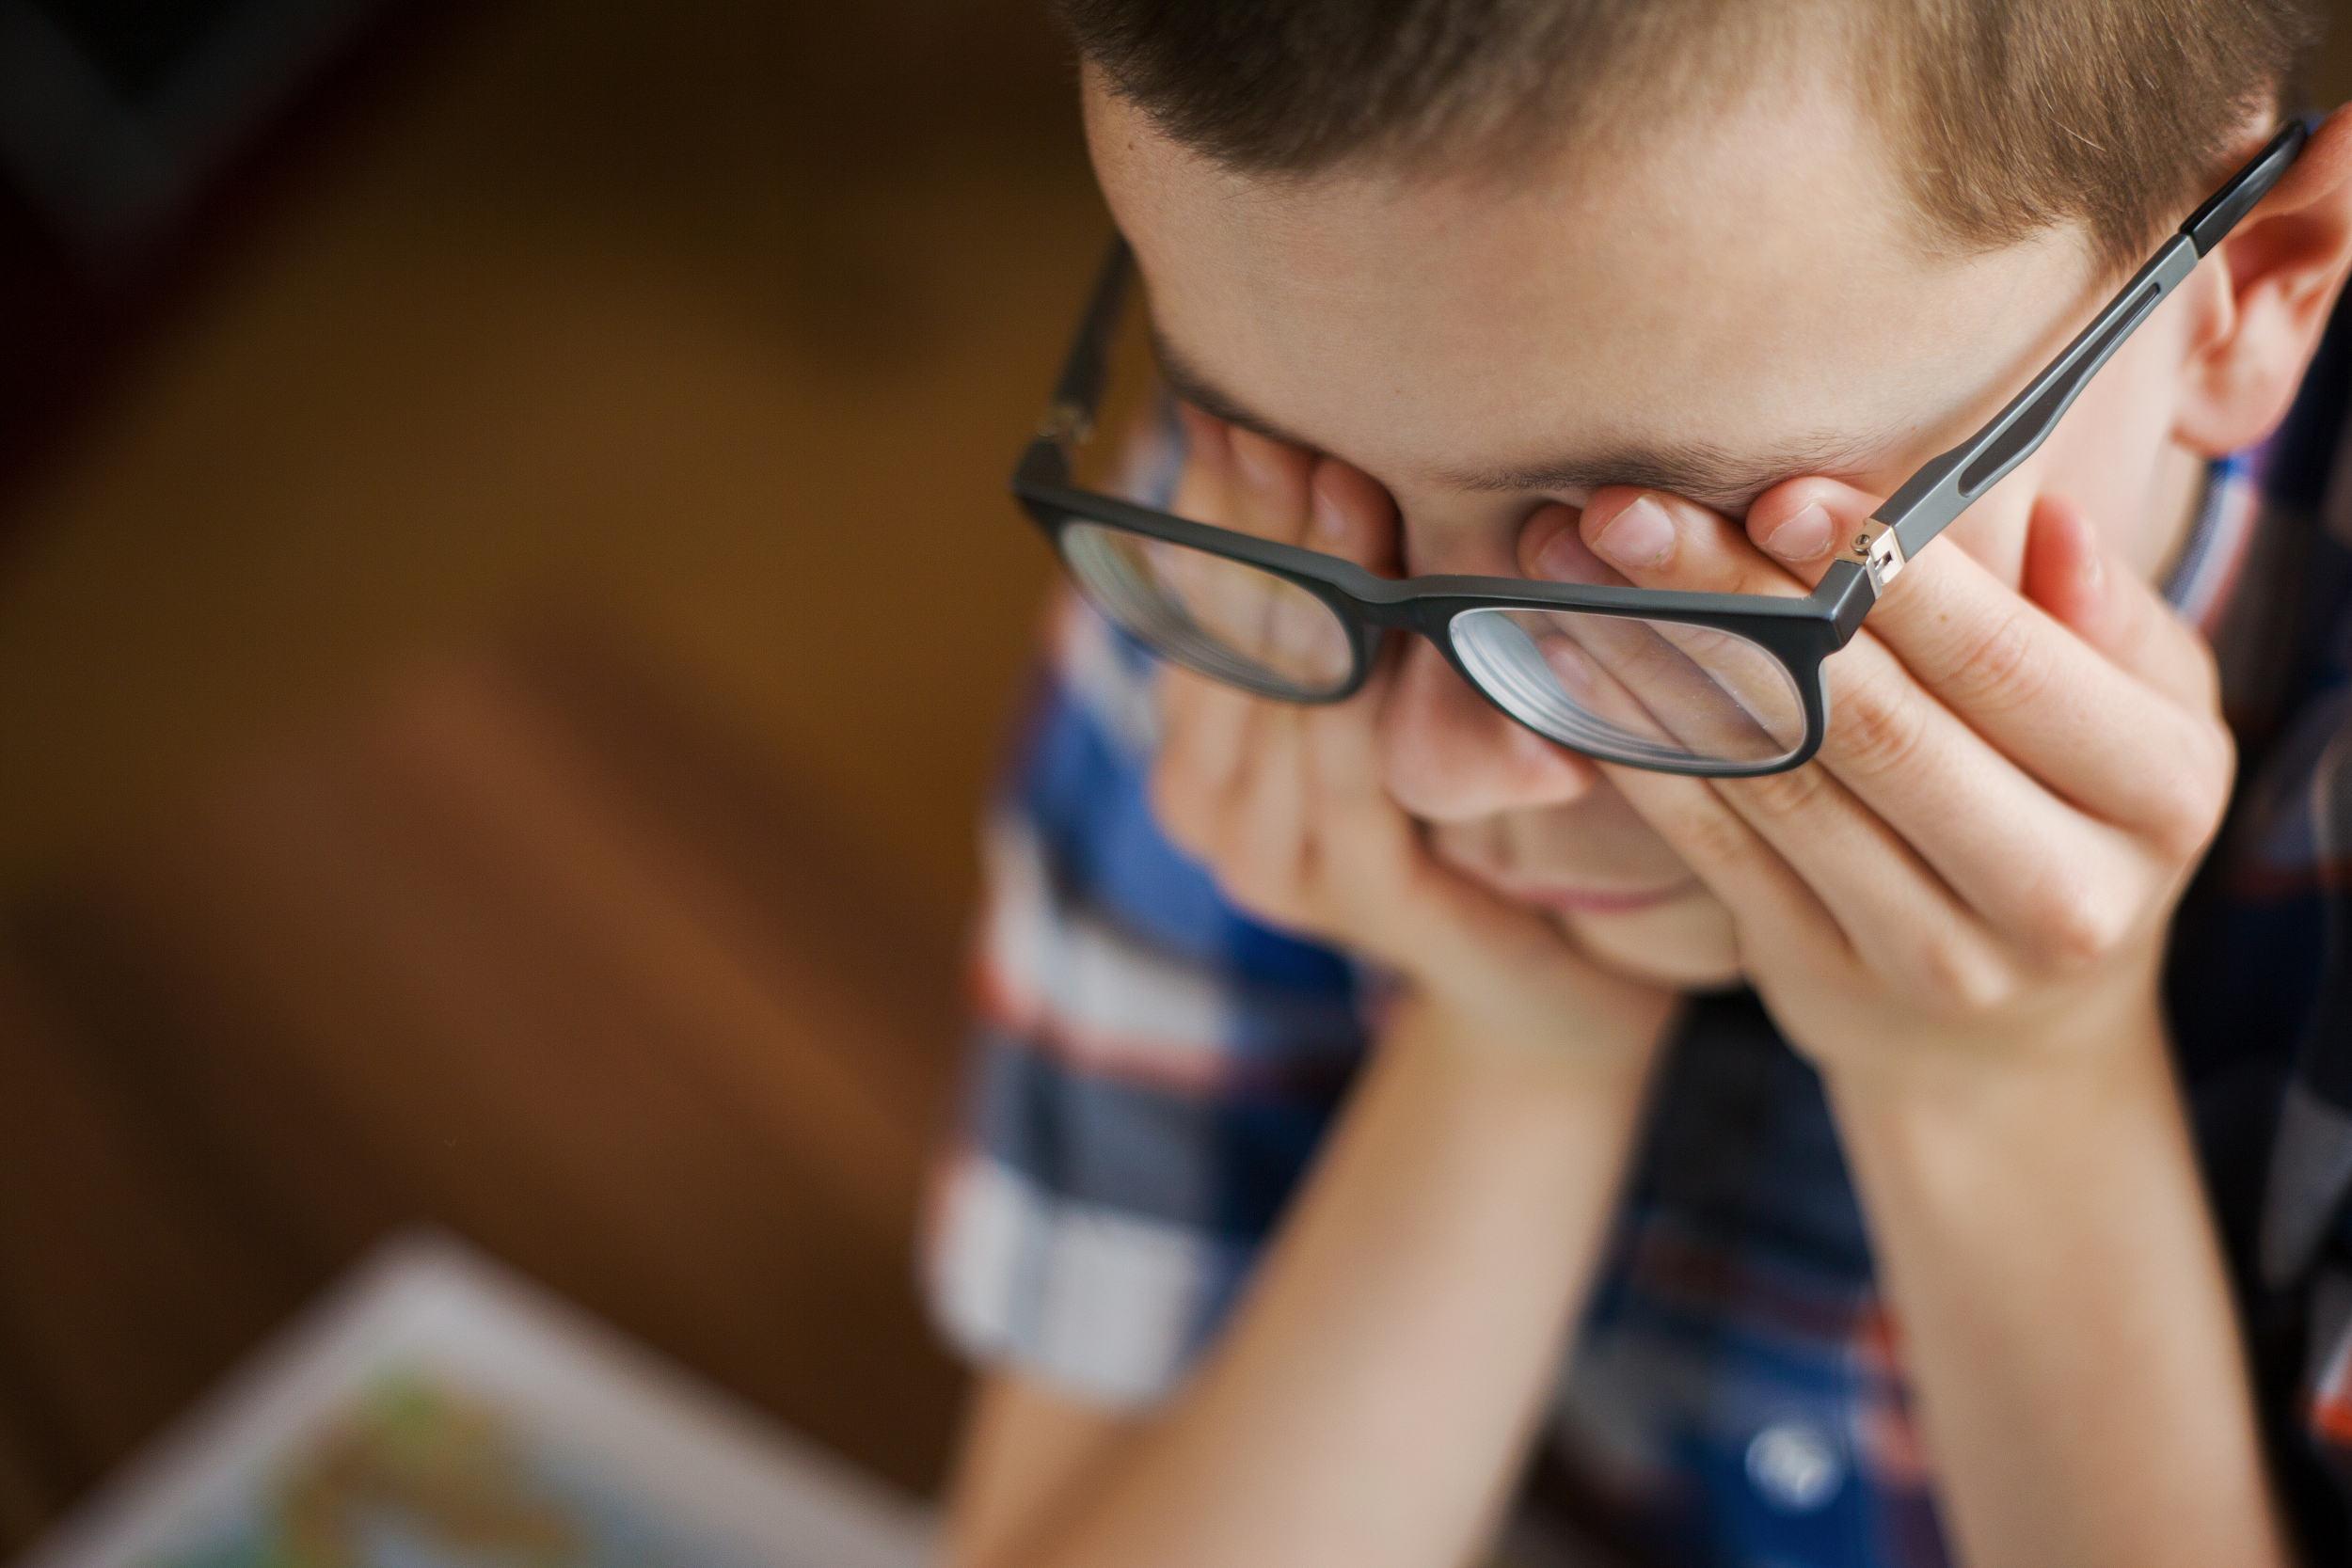 孩子說看不清了才換眼鏡?專家:太遲了